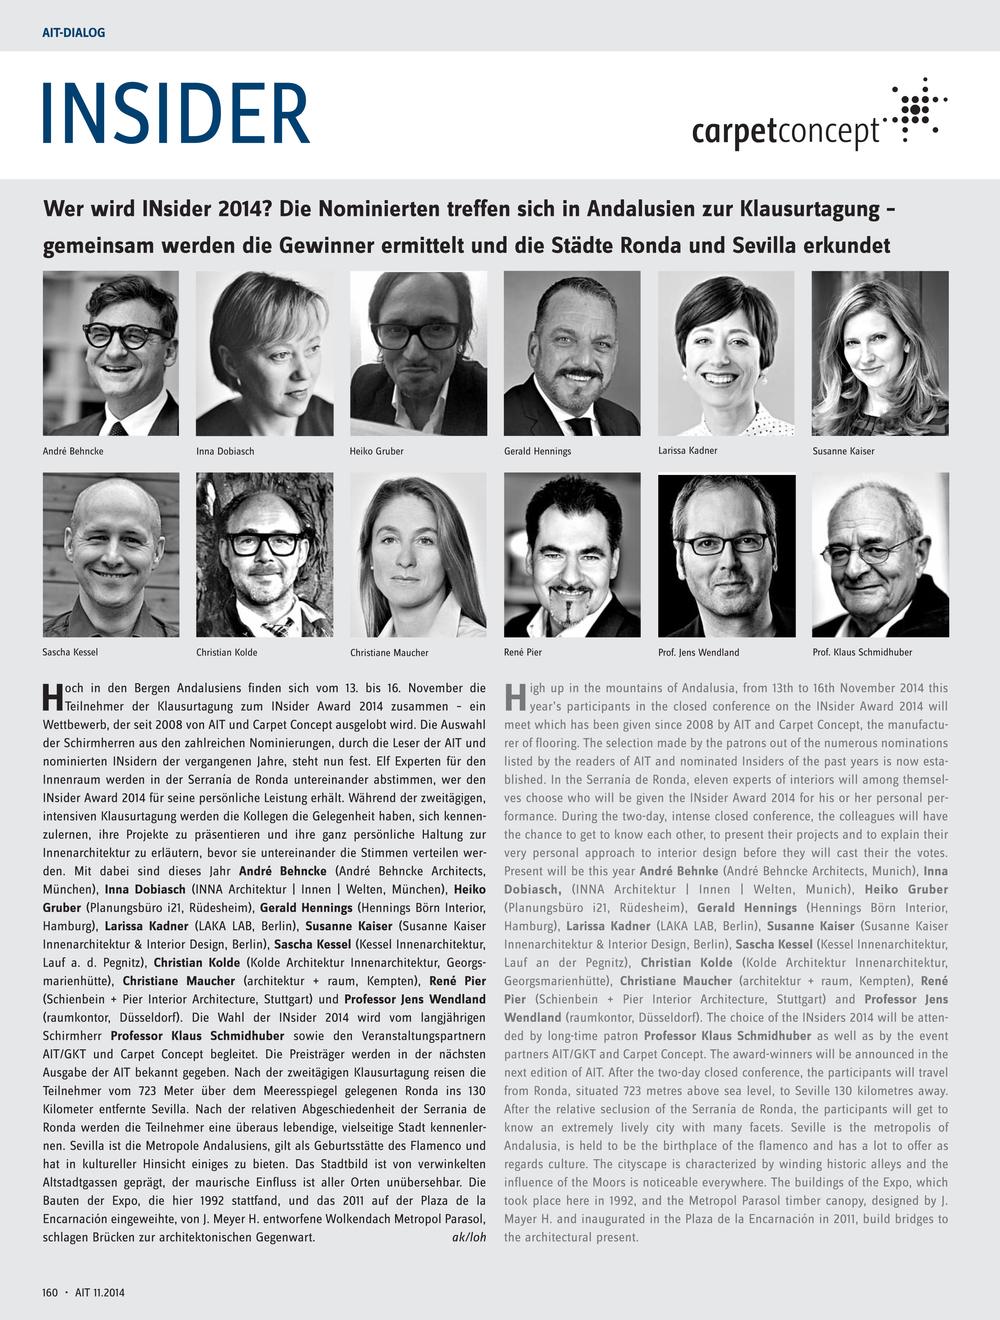 insider_award_2014_ait_heiko_gruber_innenarchitektur.jpg